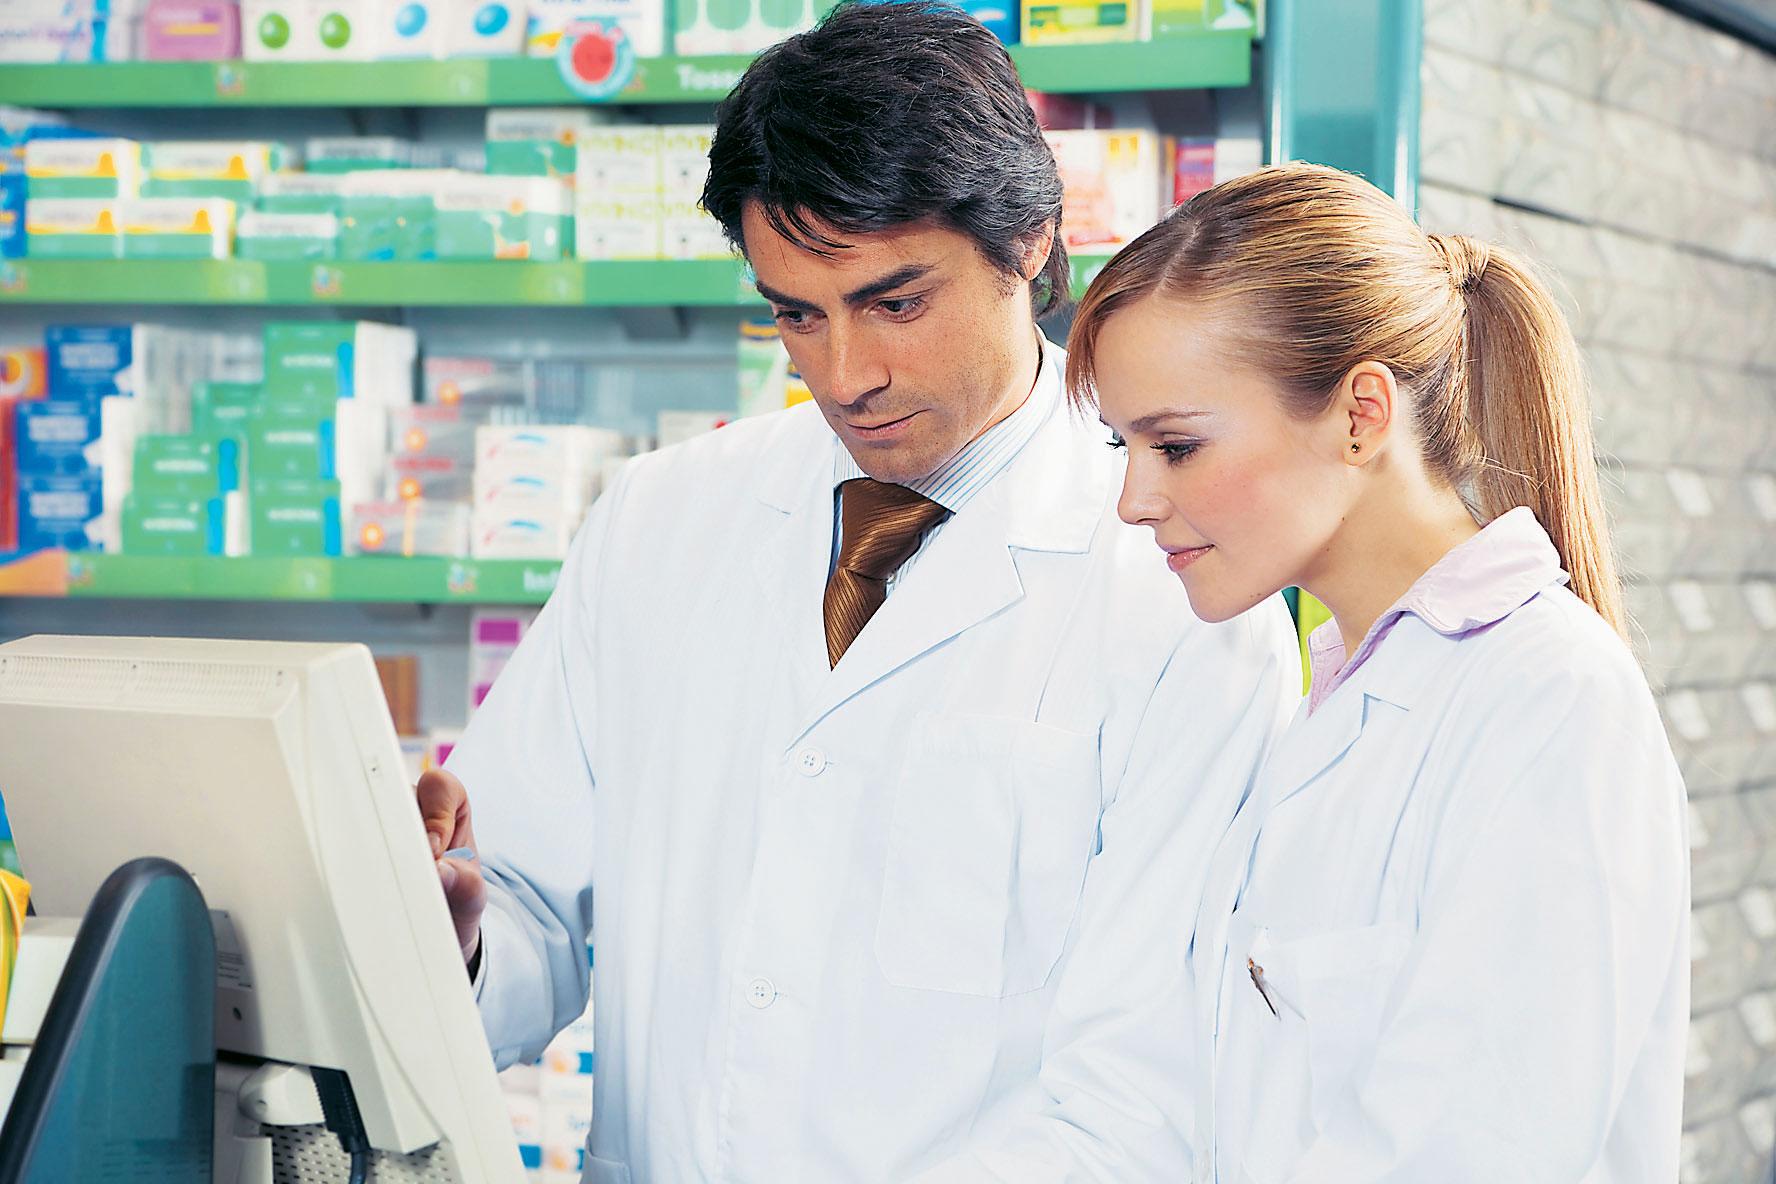 Άγρια πρόστιμα μέχρι και 5000 ευρώ σε φαρμακοποιούς που δε χορηγούν γενόσημα! Τι προβλέπει εγκύκλιος του ΕΟΠΥΥ